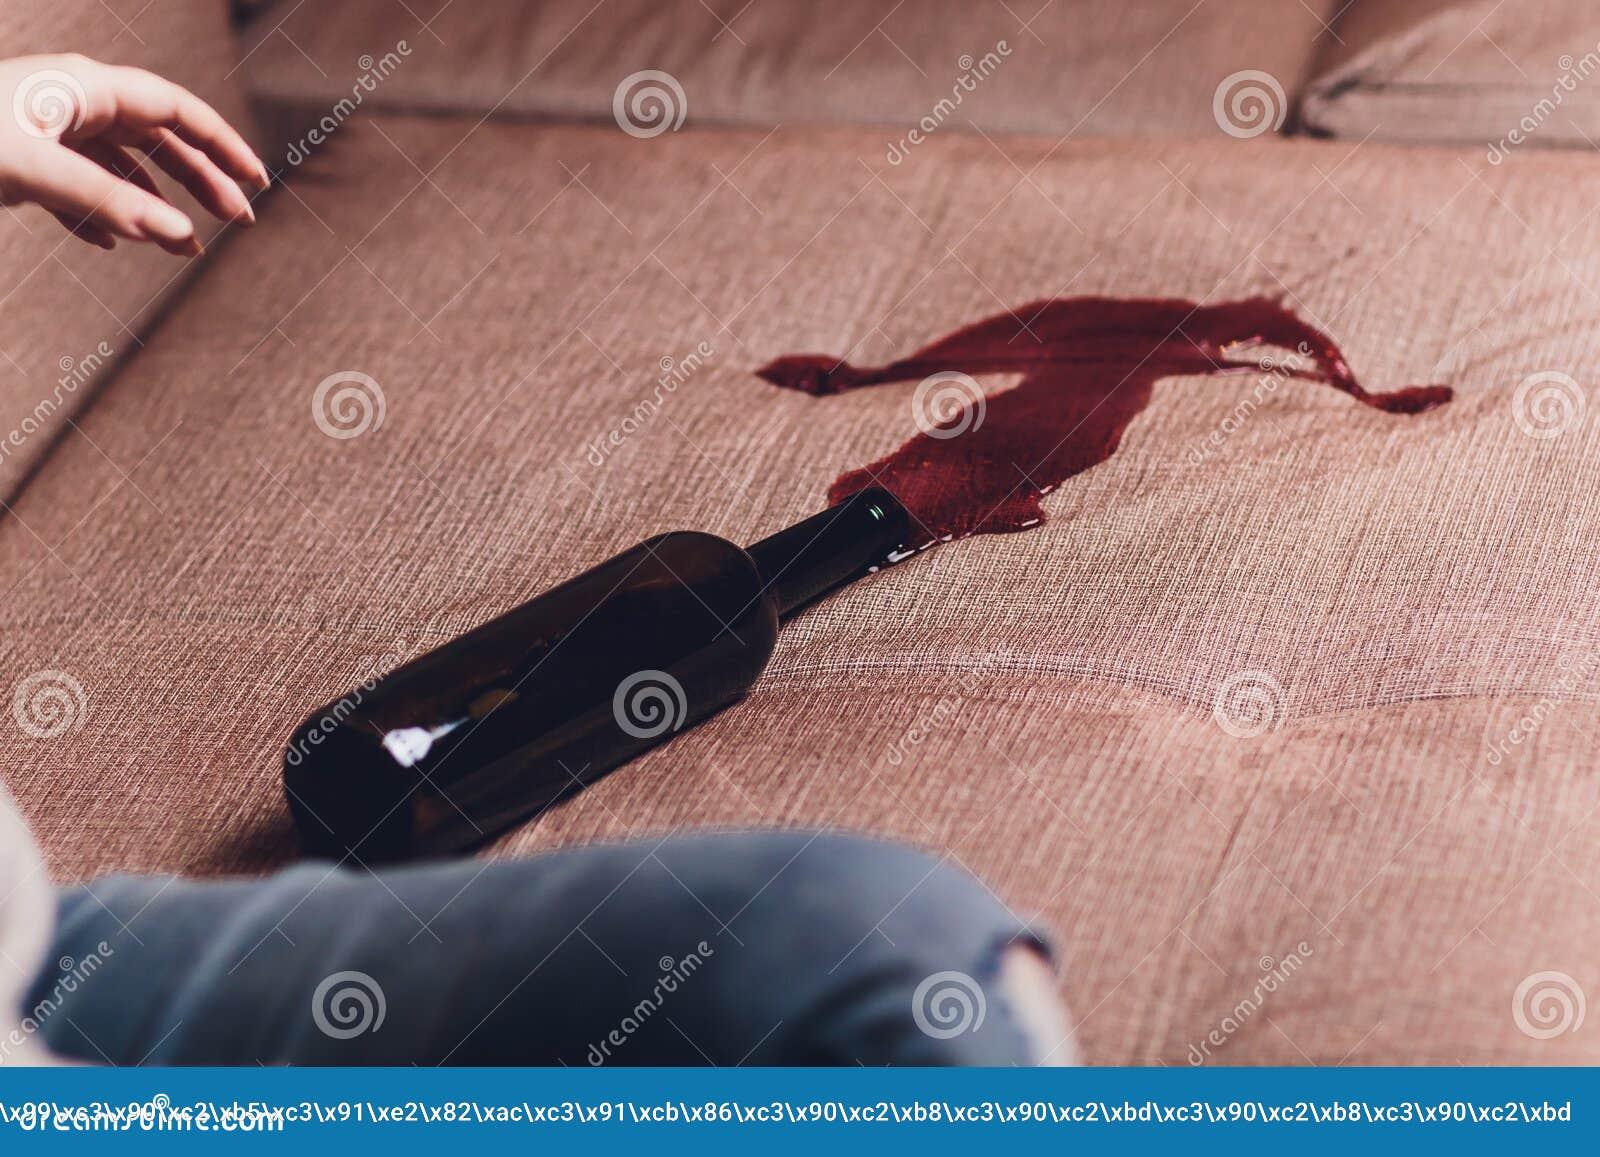 Rode die wijn op een bruine laagbank wordt gemorst donkere gelaten vallen fles rode wijn